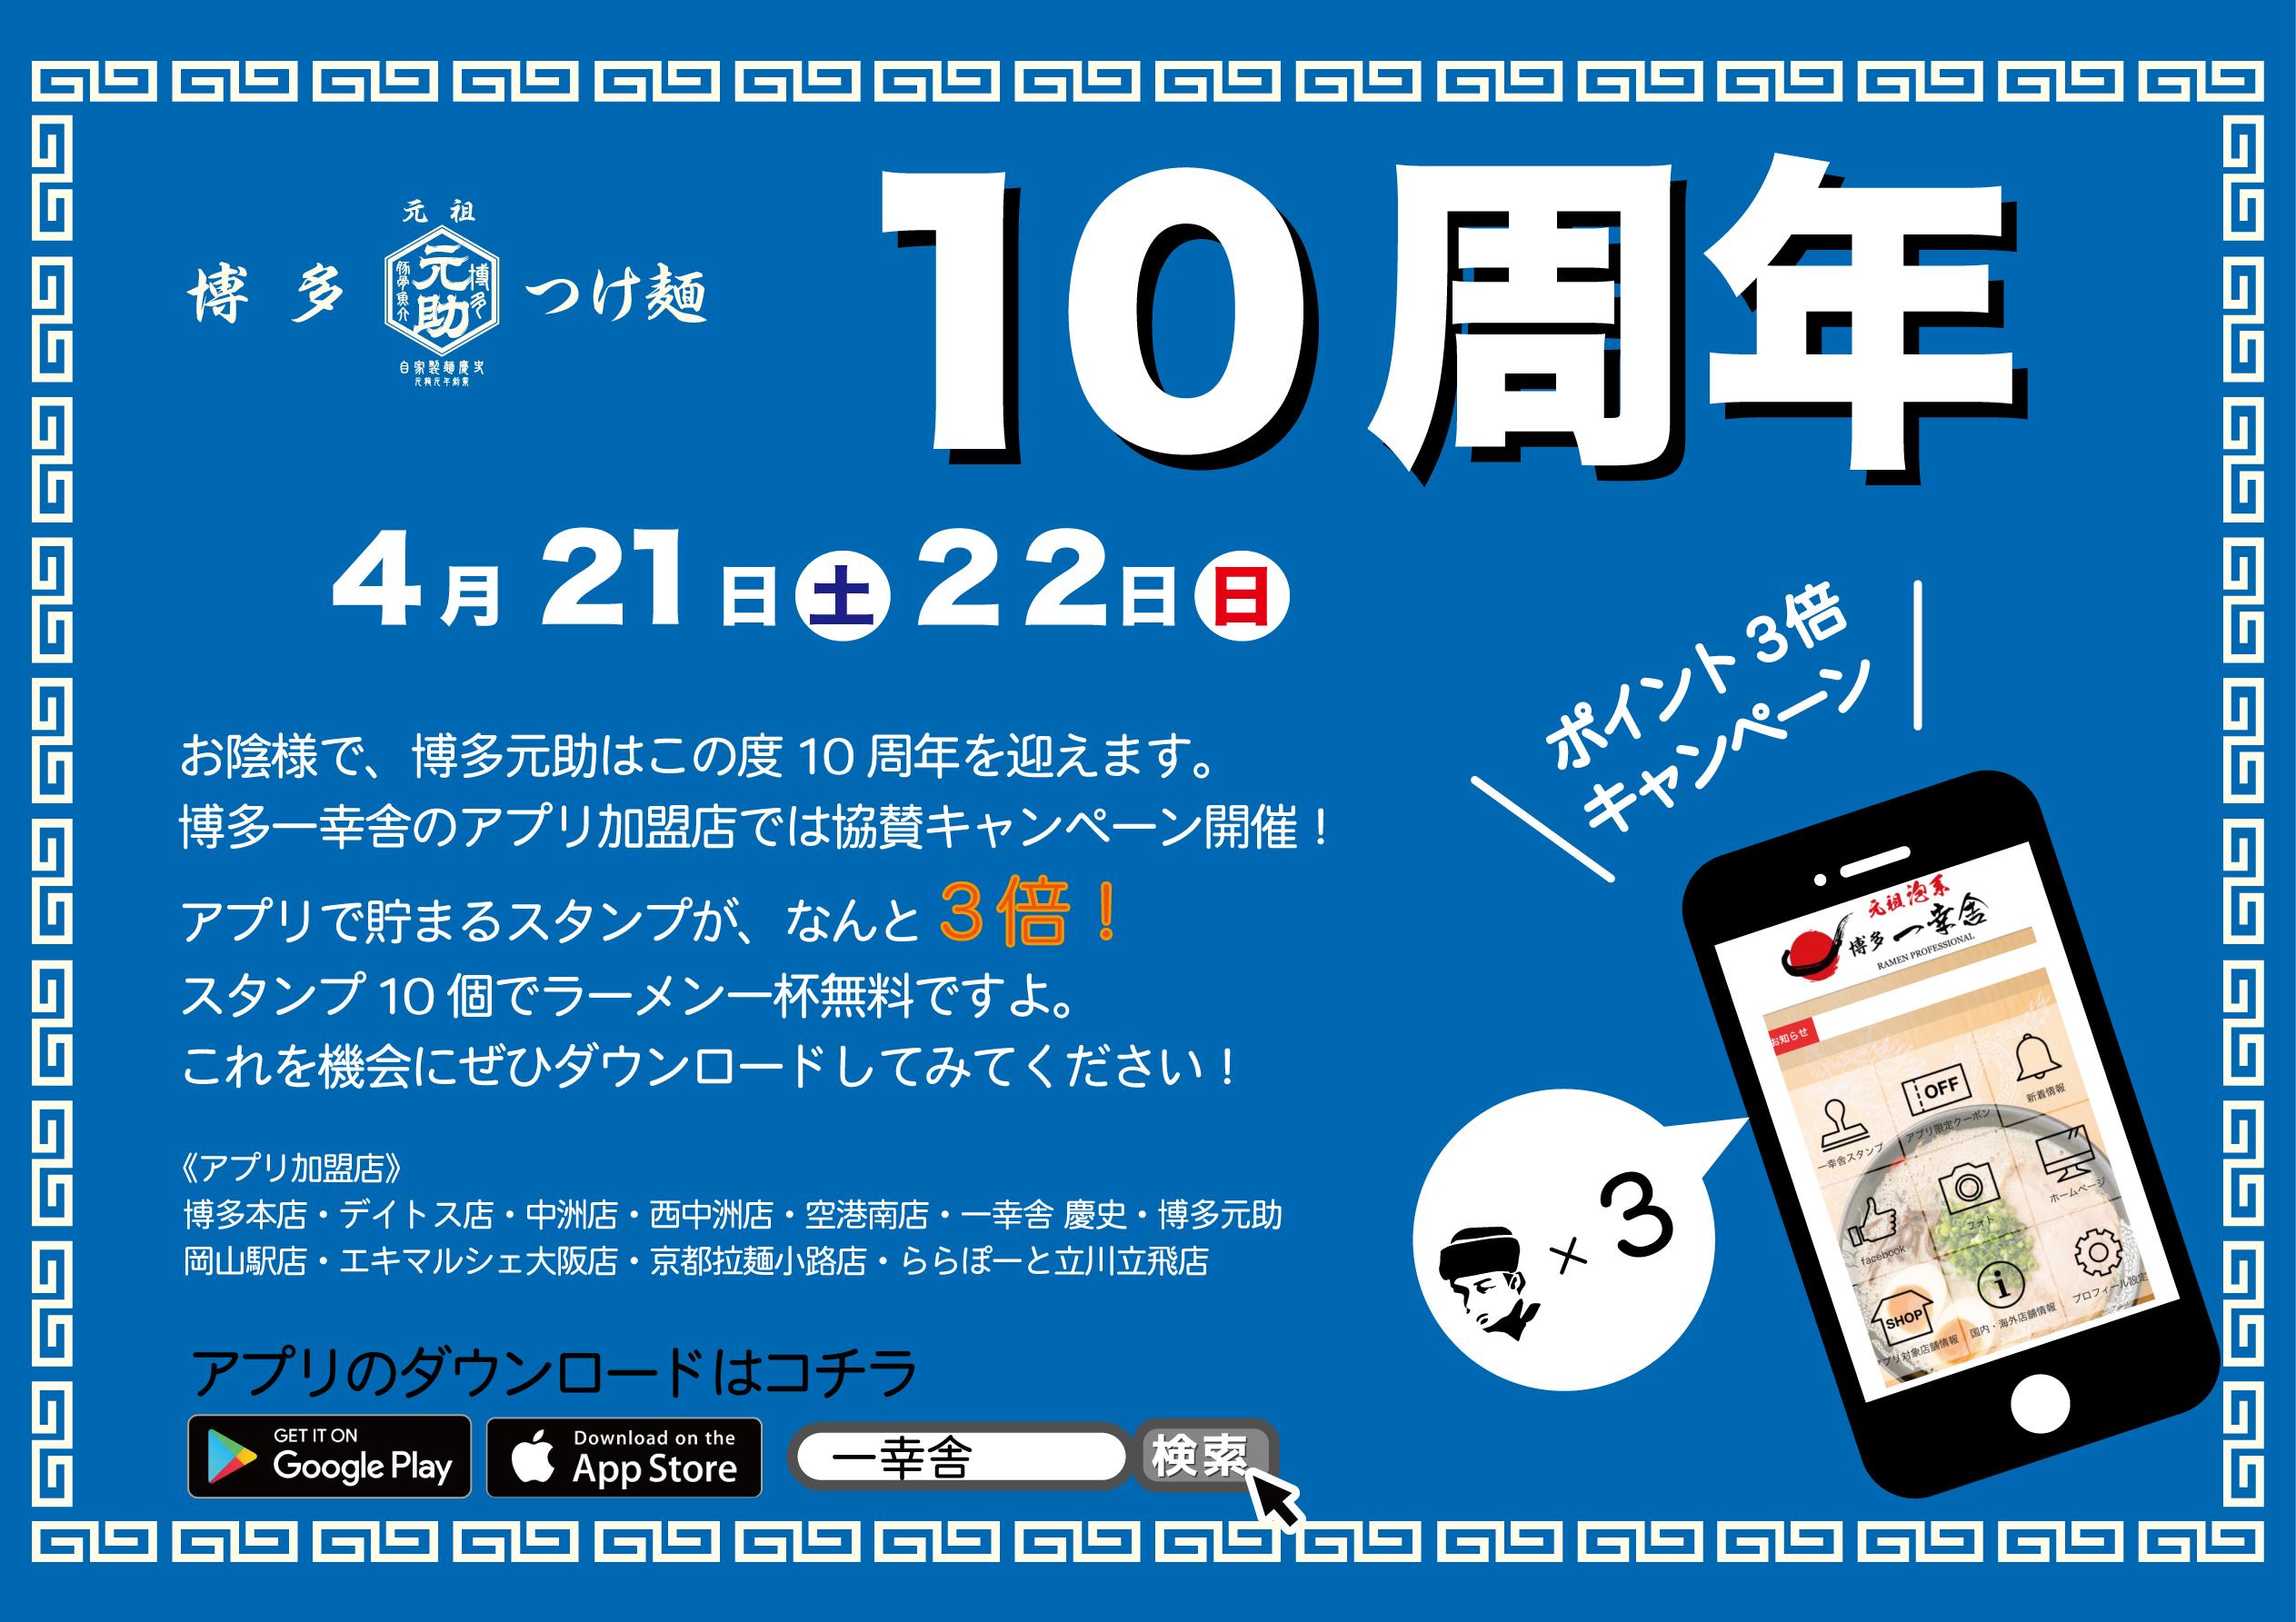 4月21日・22日の2日間はアプリのポイント3倍